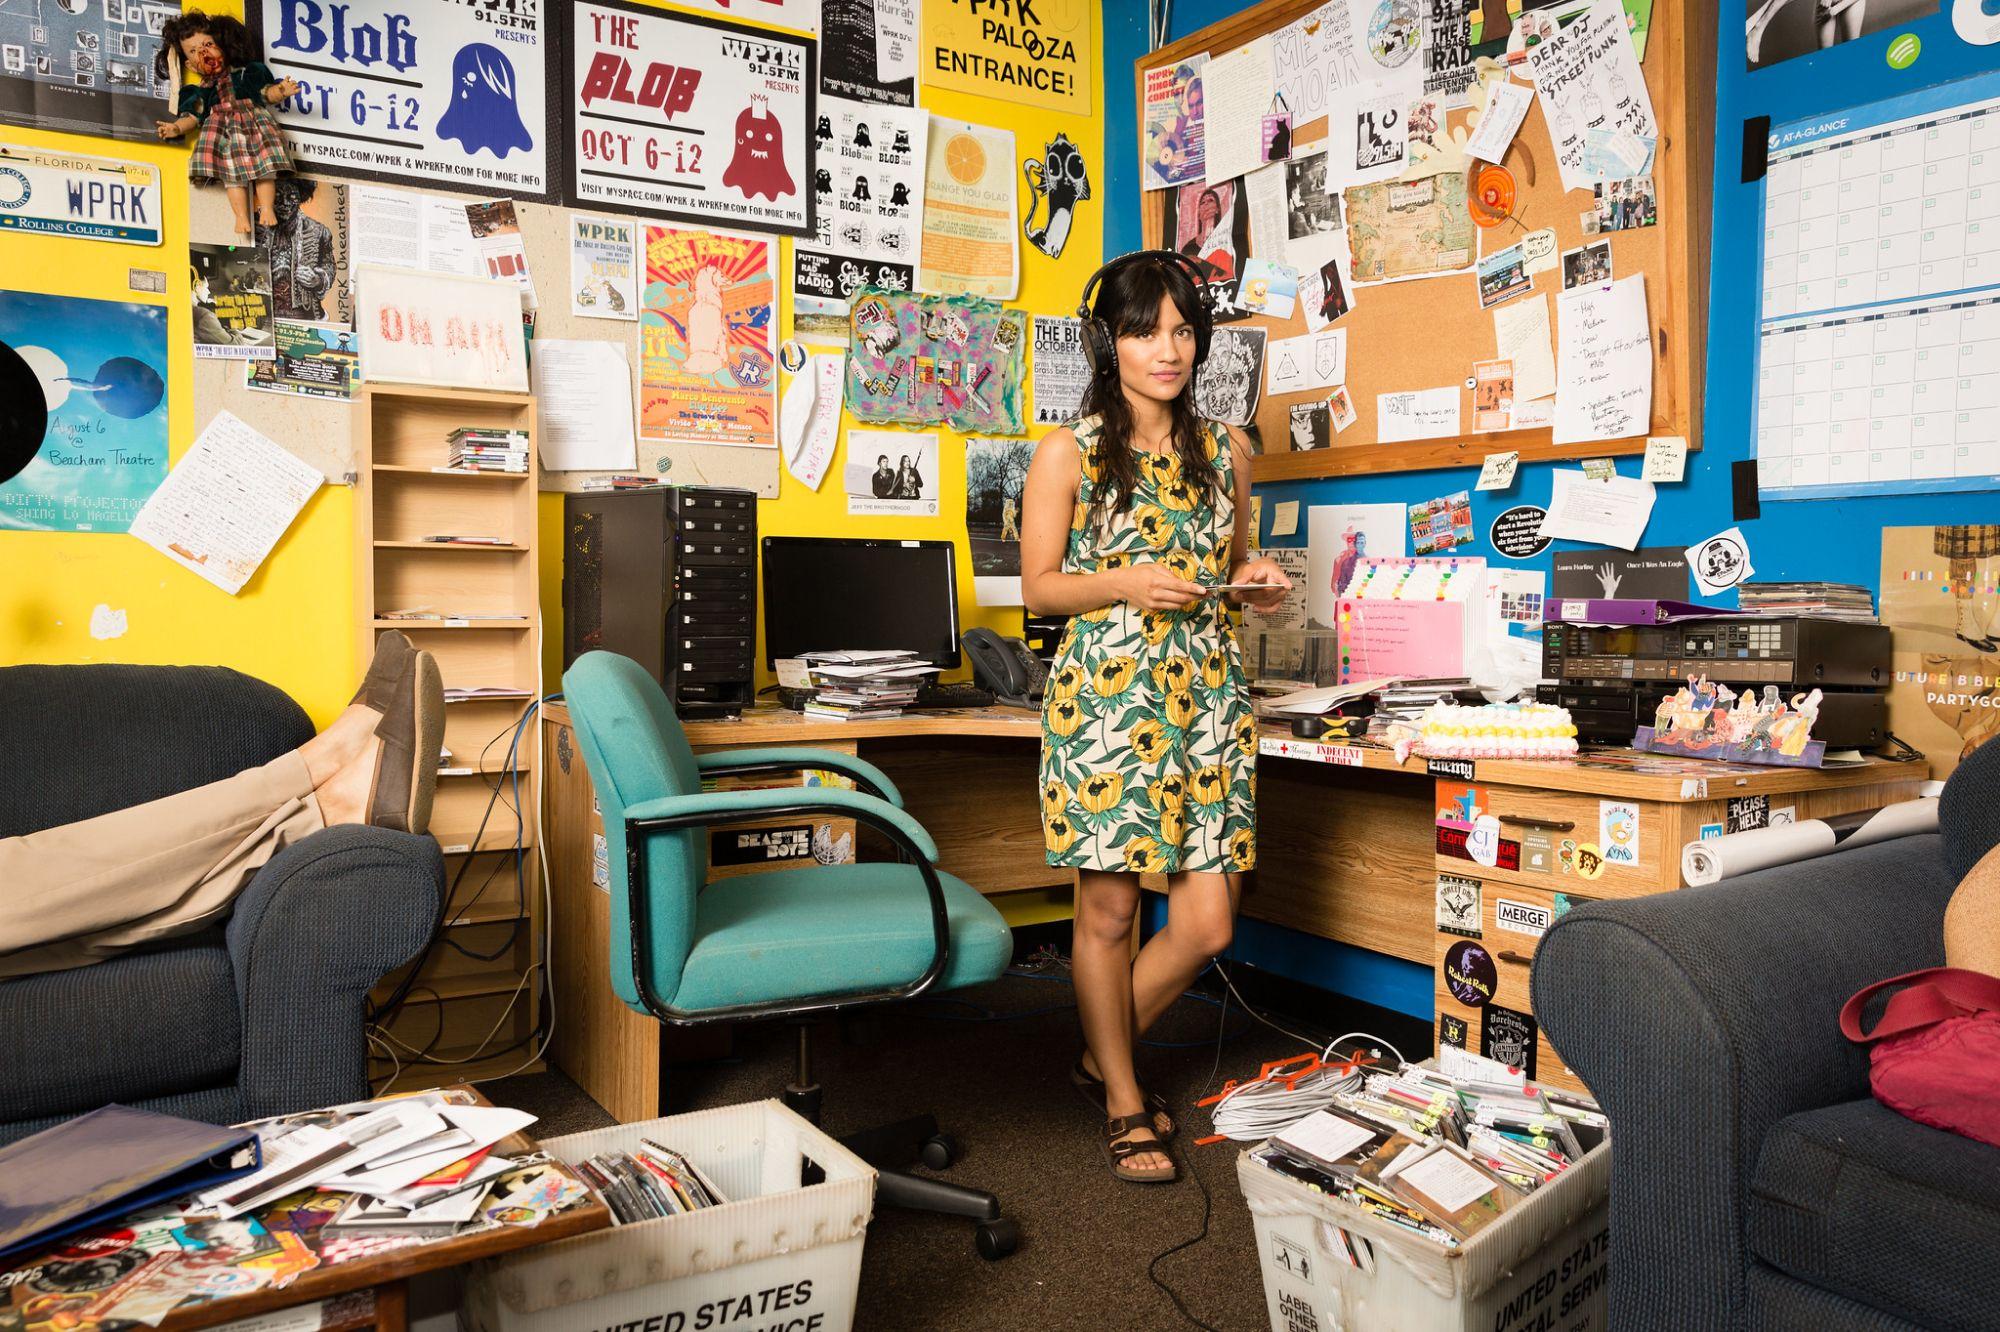 Alumn, Maria Gutierrez, standing at her desk at WPRK with headphones on.